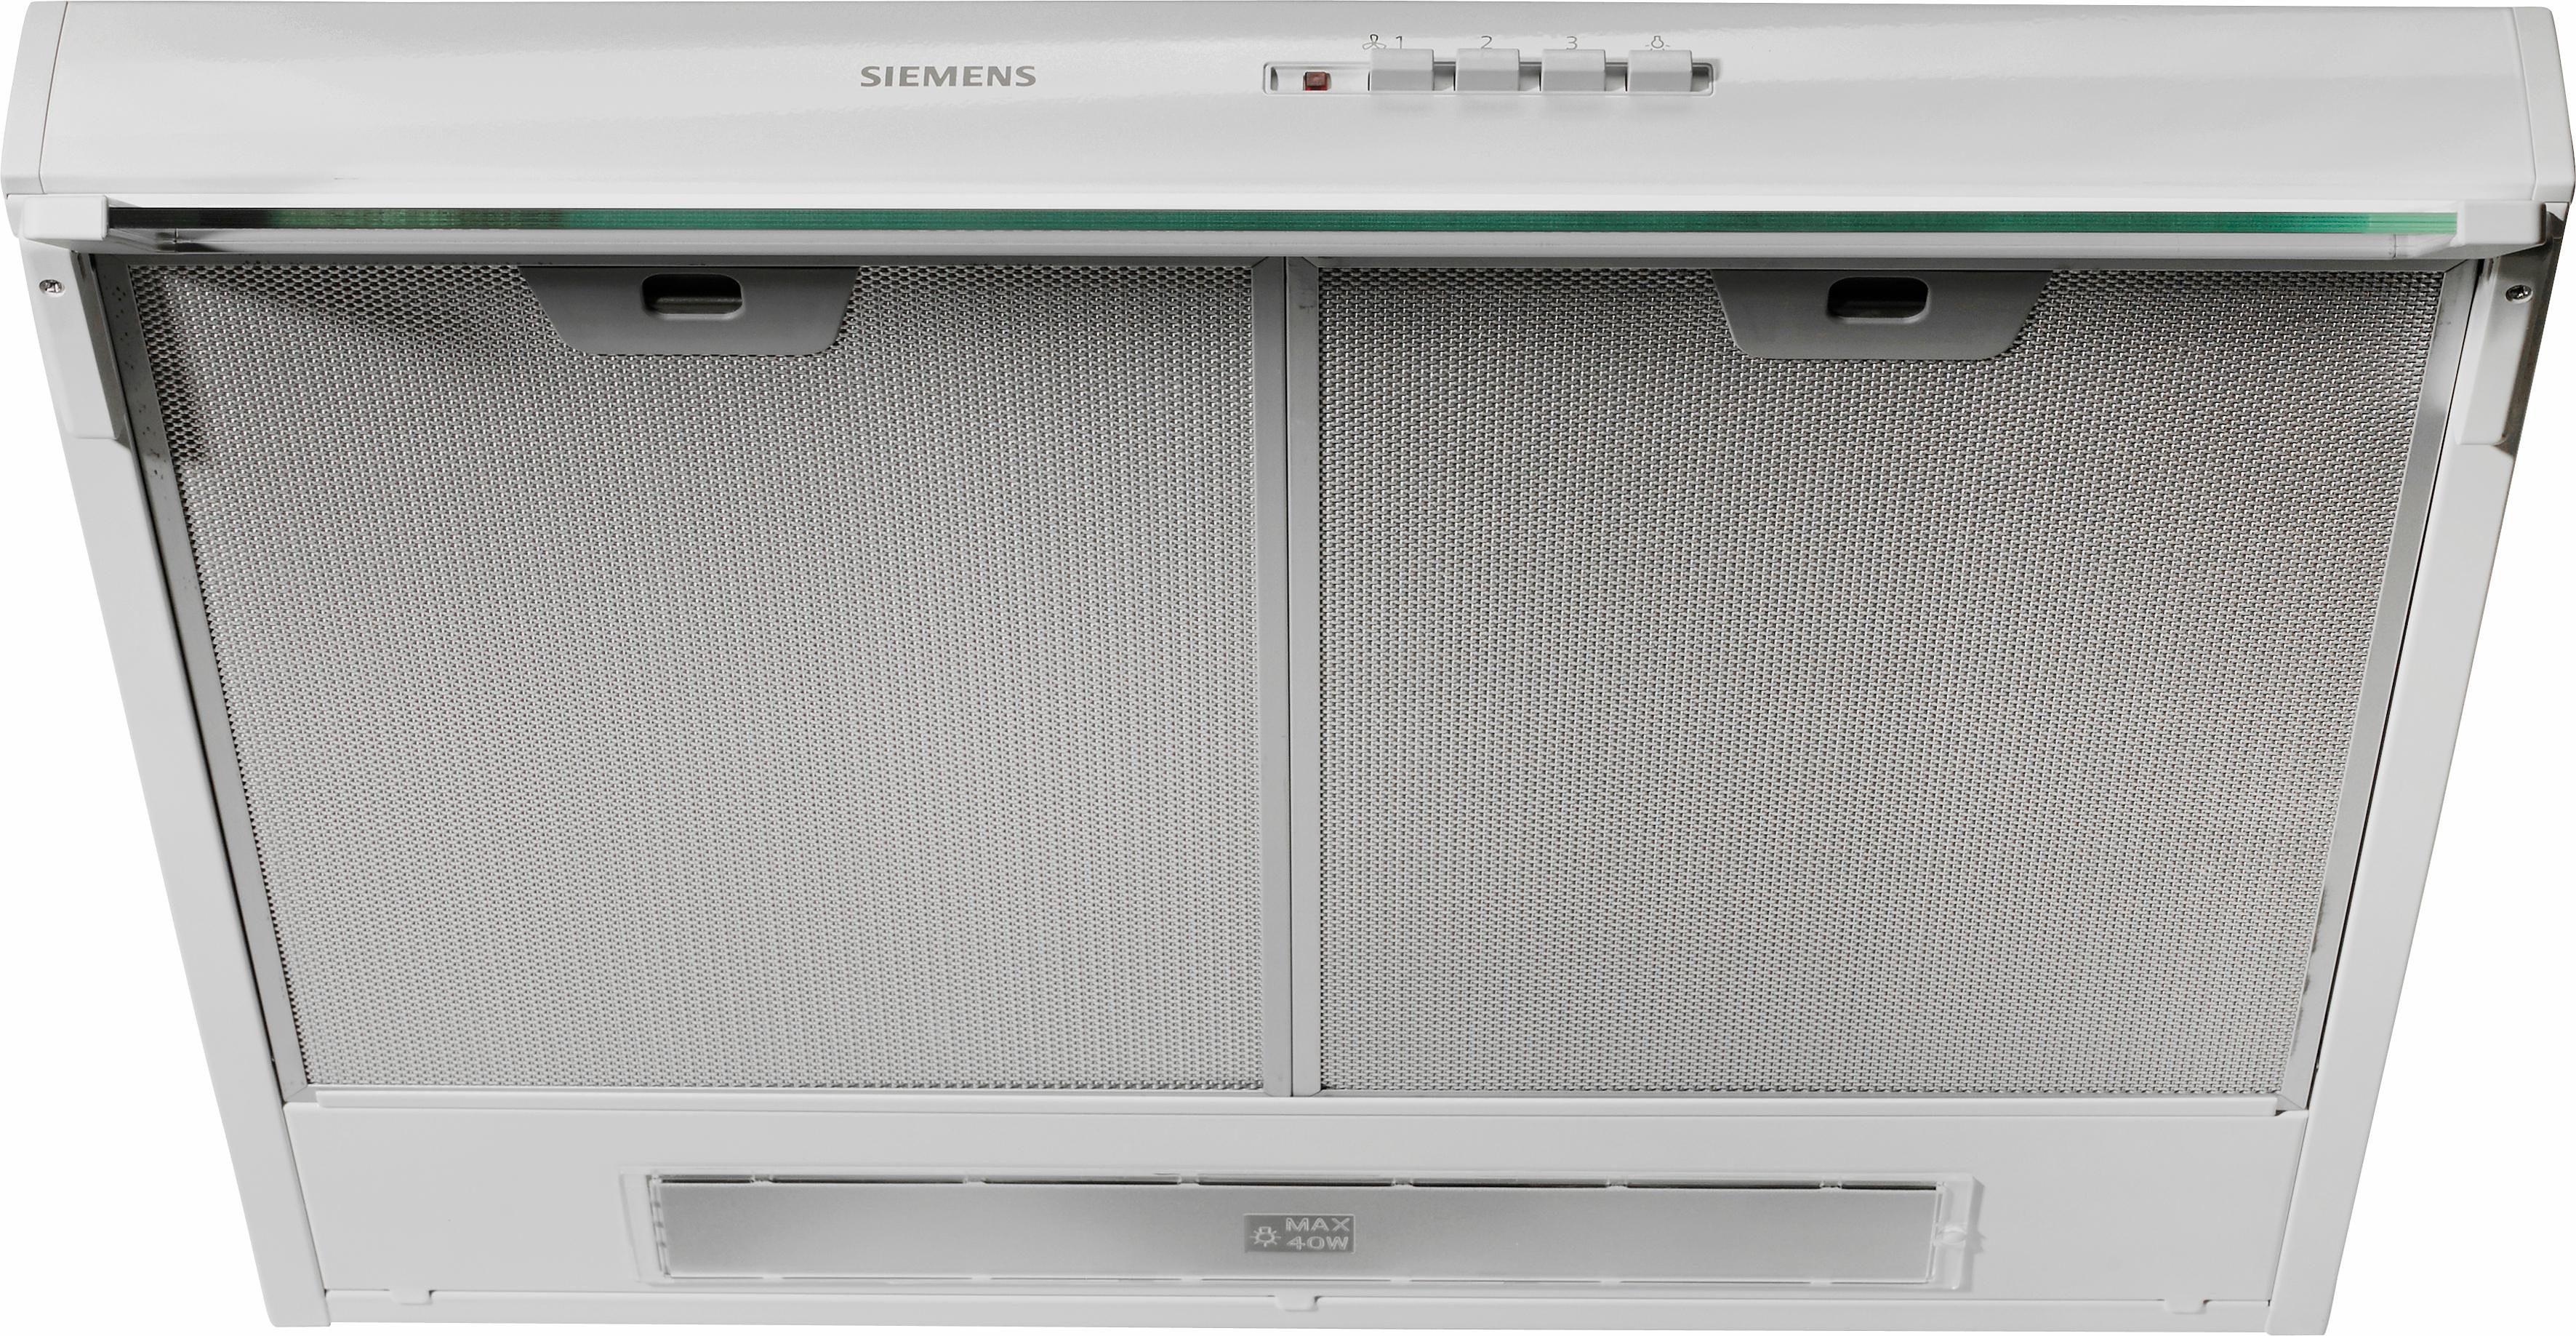 Siemens Unterbauhaube LU17123